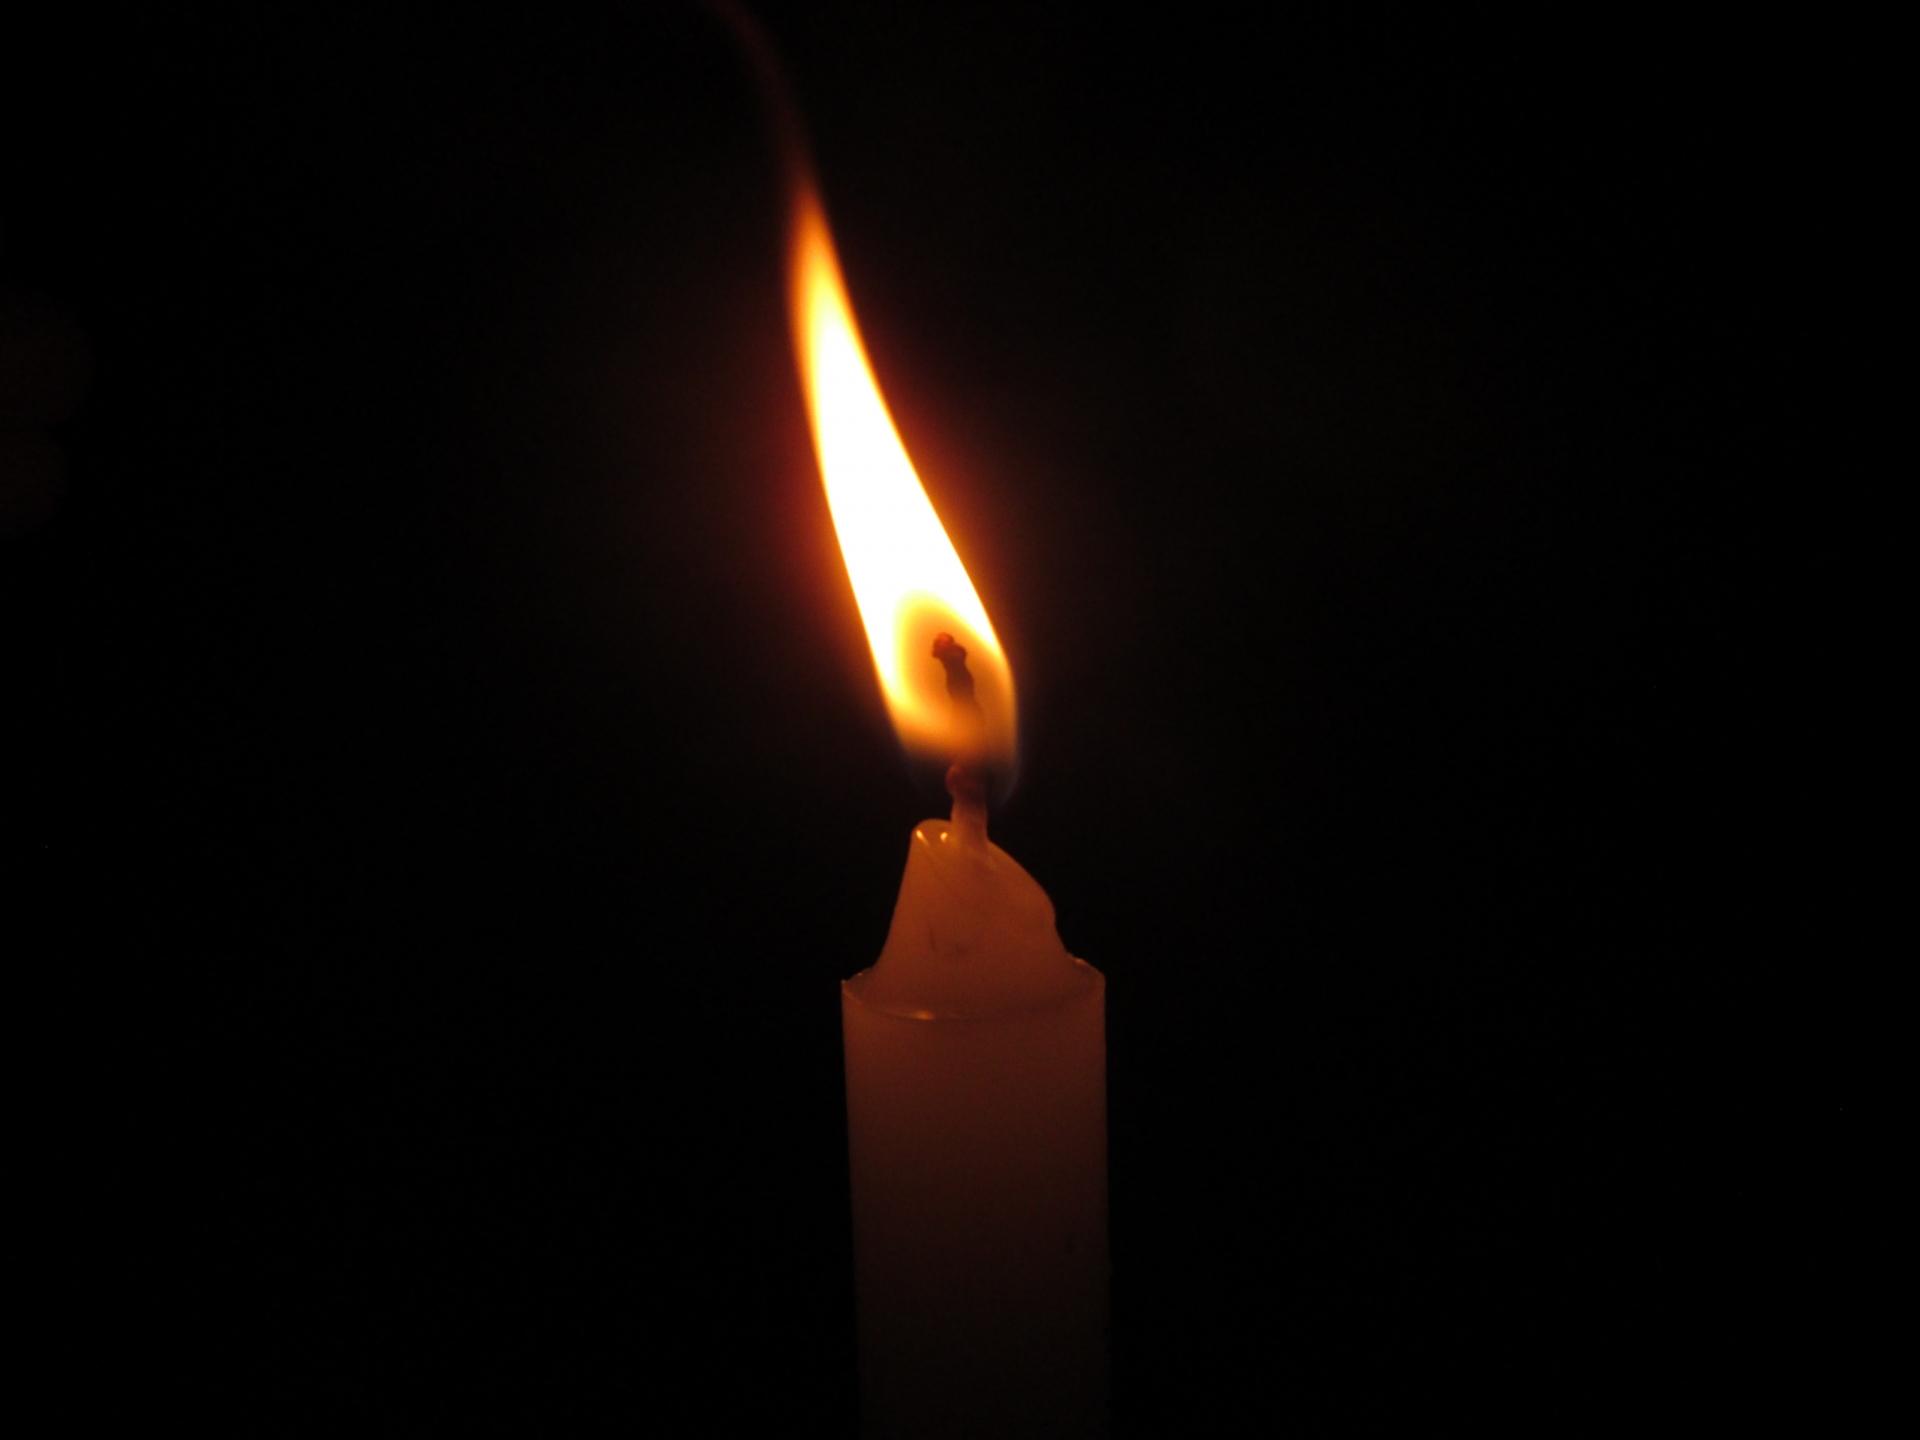 ろうそくの火の画像